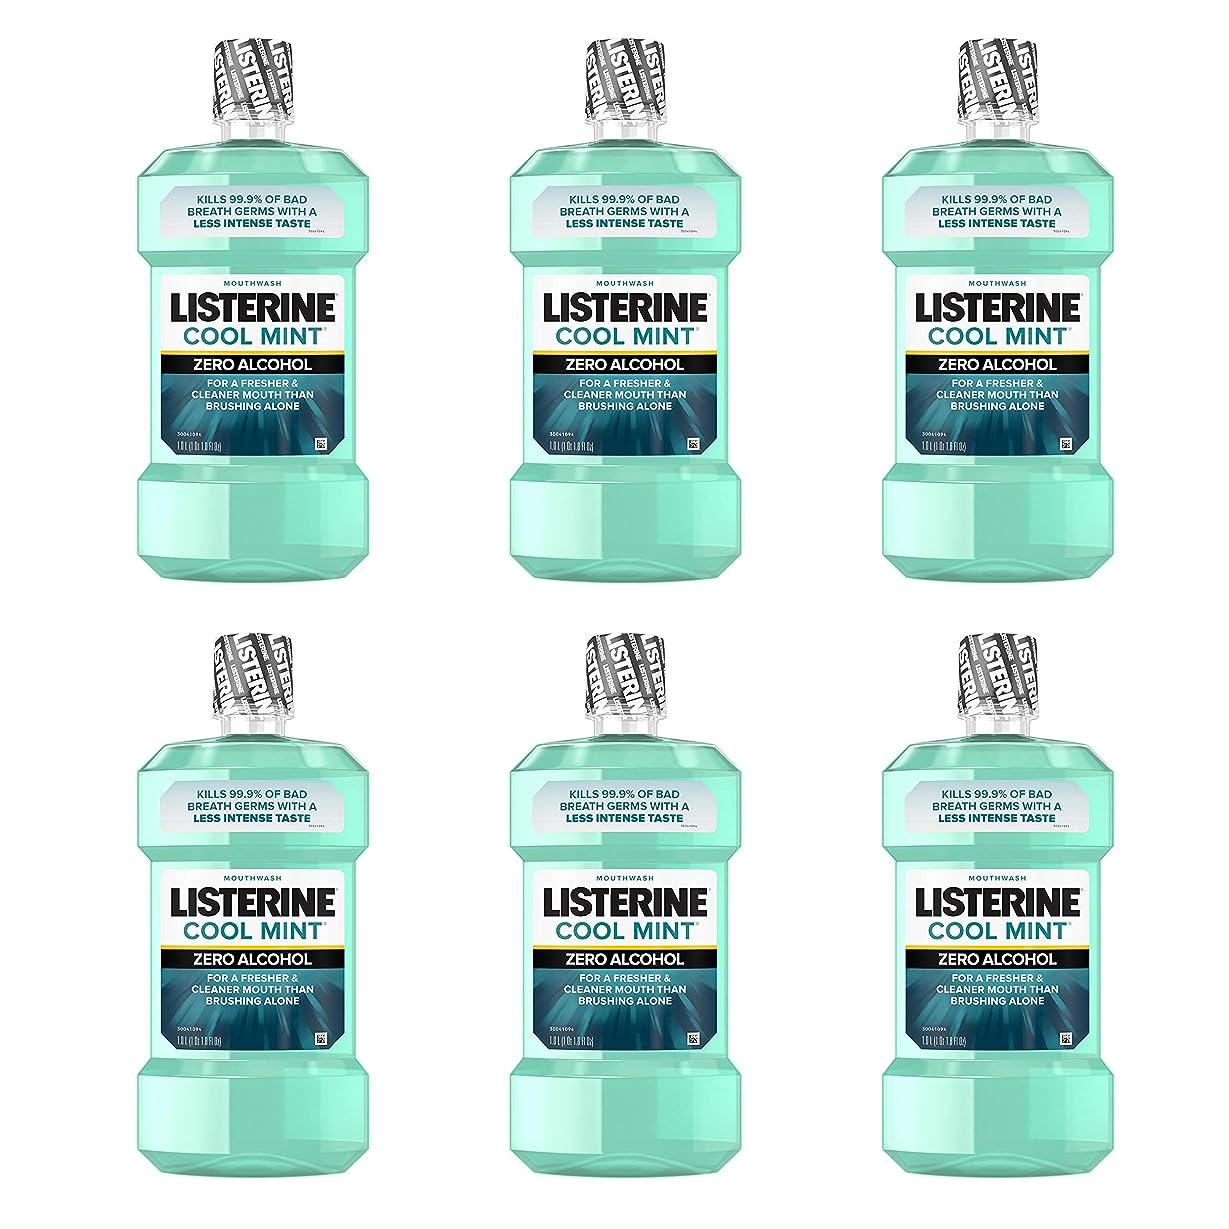 カバー定数遺産Listerine ゼロアルコールマウスウォッシュ、口臭についてはあまり強くないアルコールフリーオーラルケアフォーミュラ、クールミントフレーバー、1 L(6パック)